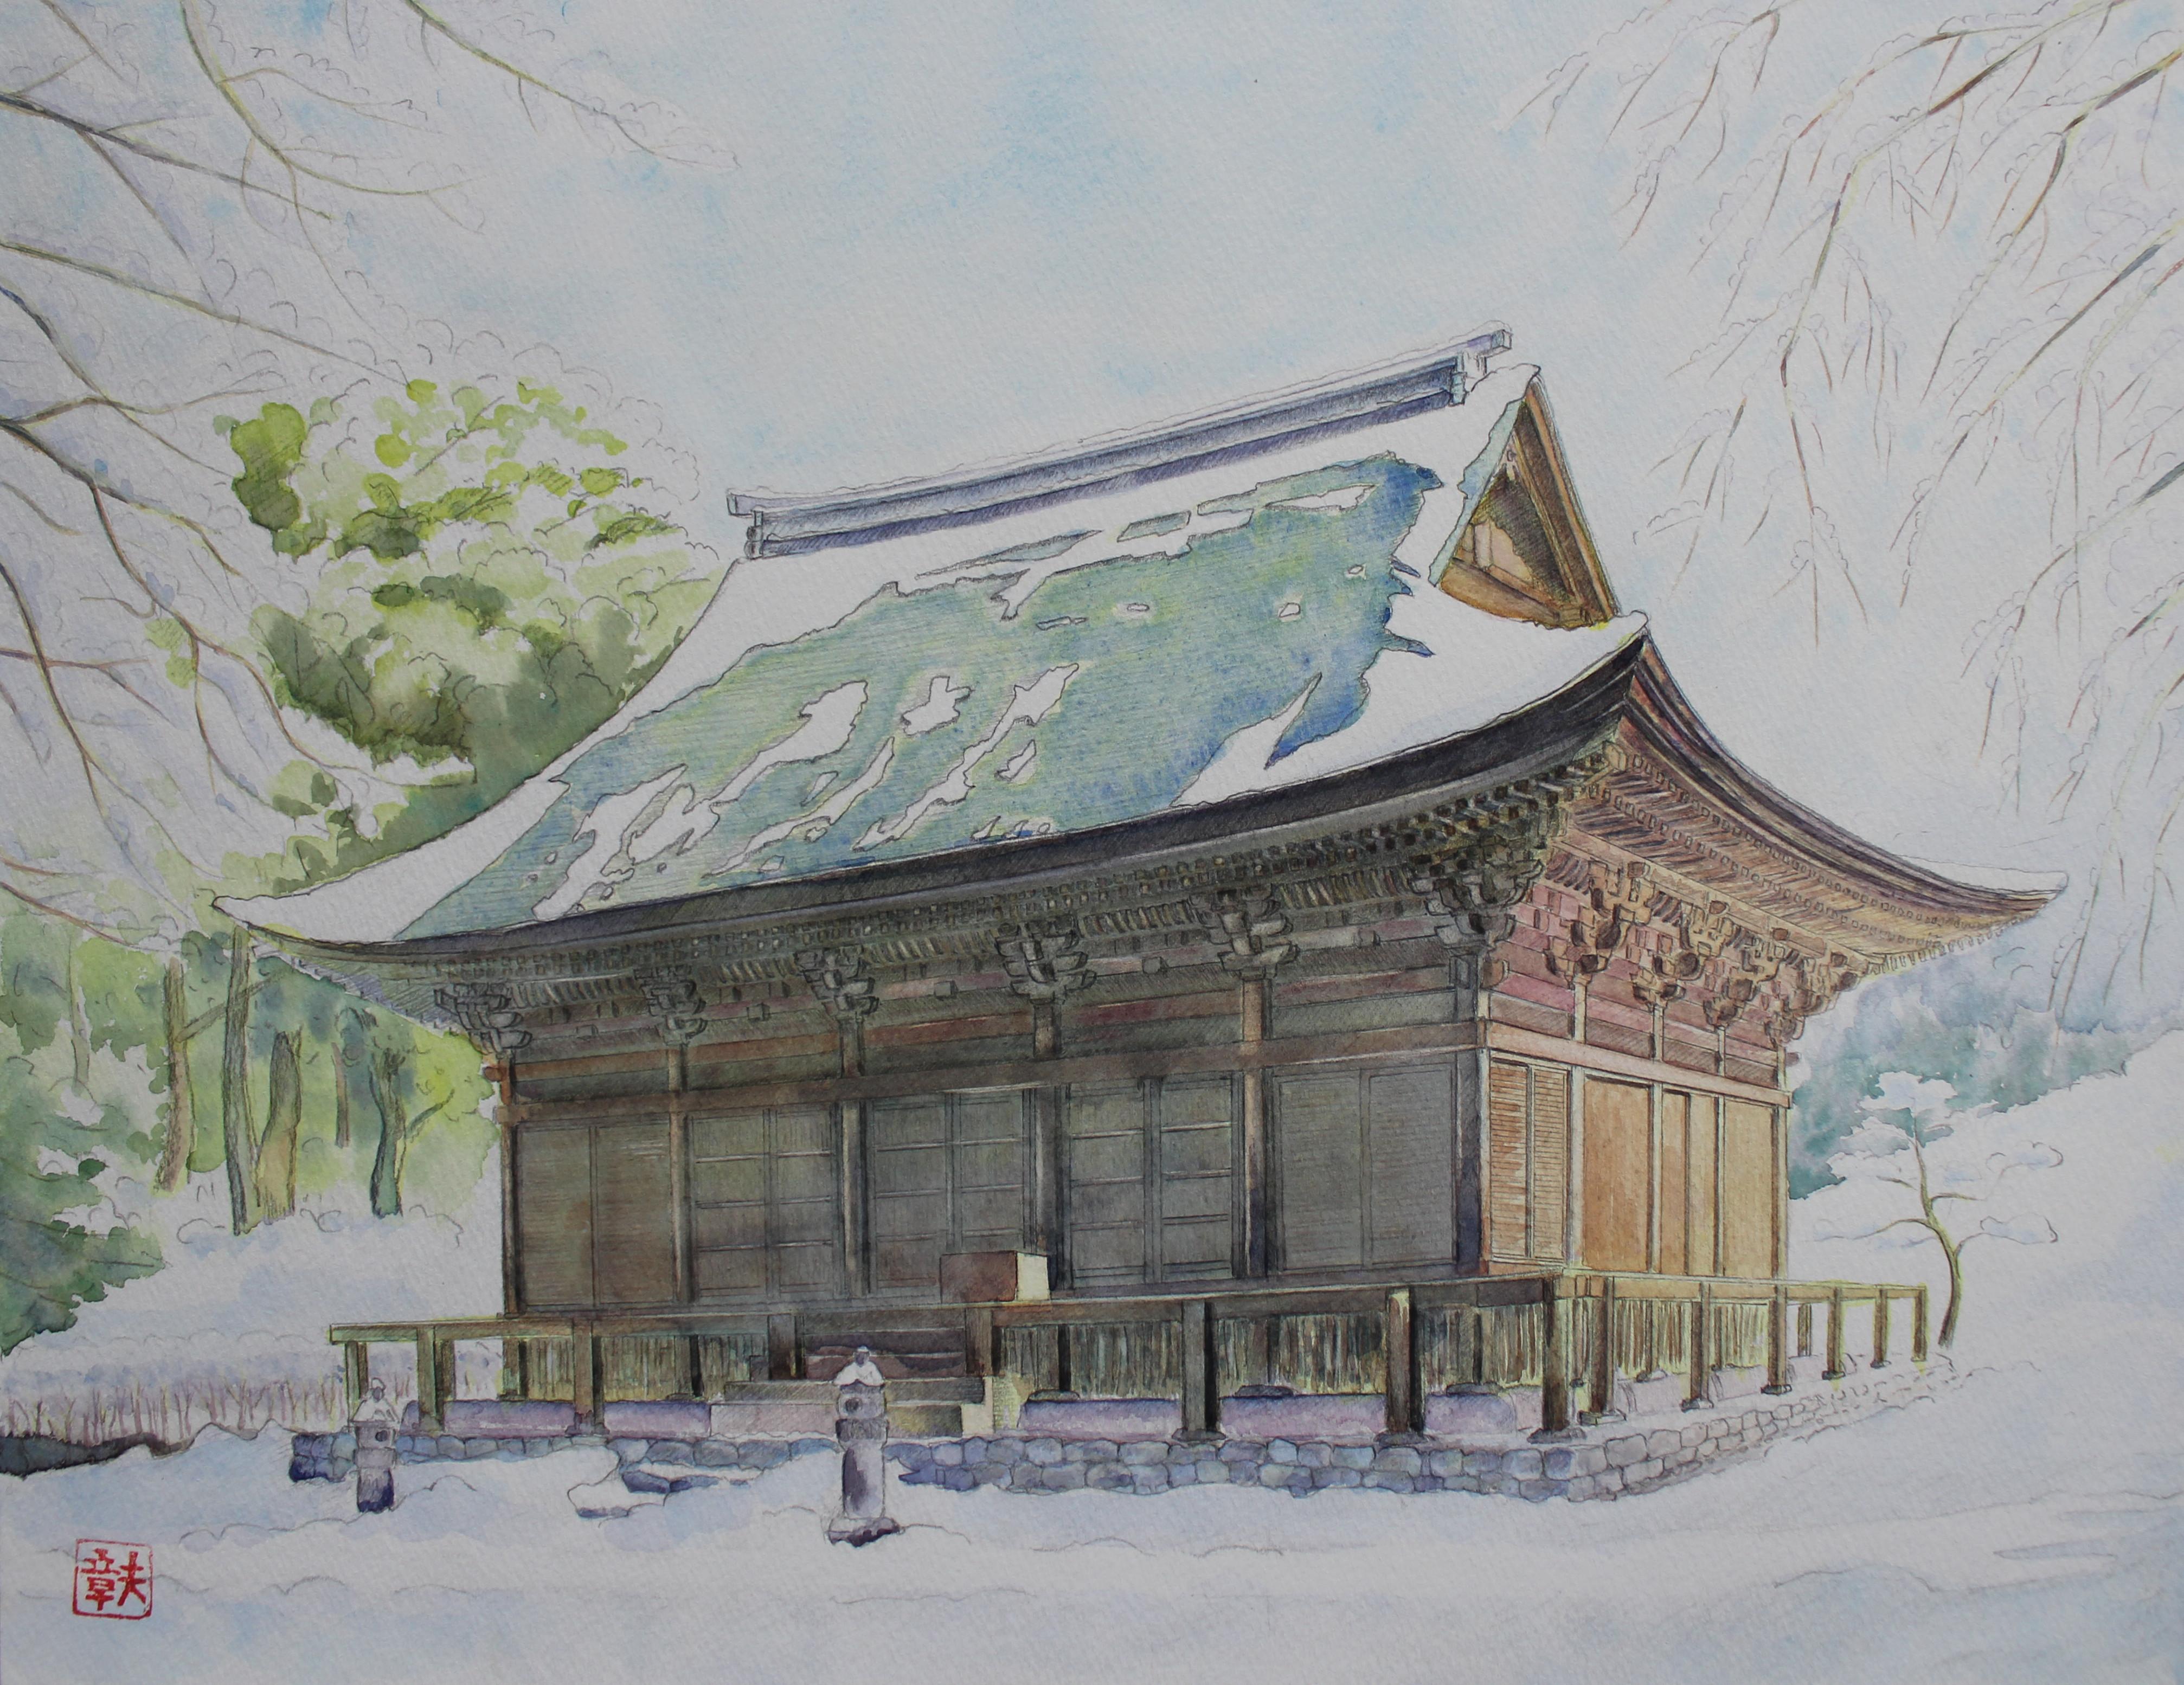 雪中地蔵院